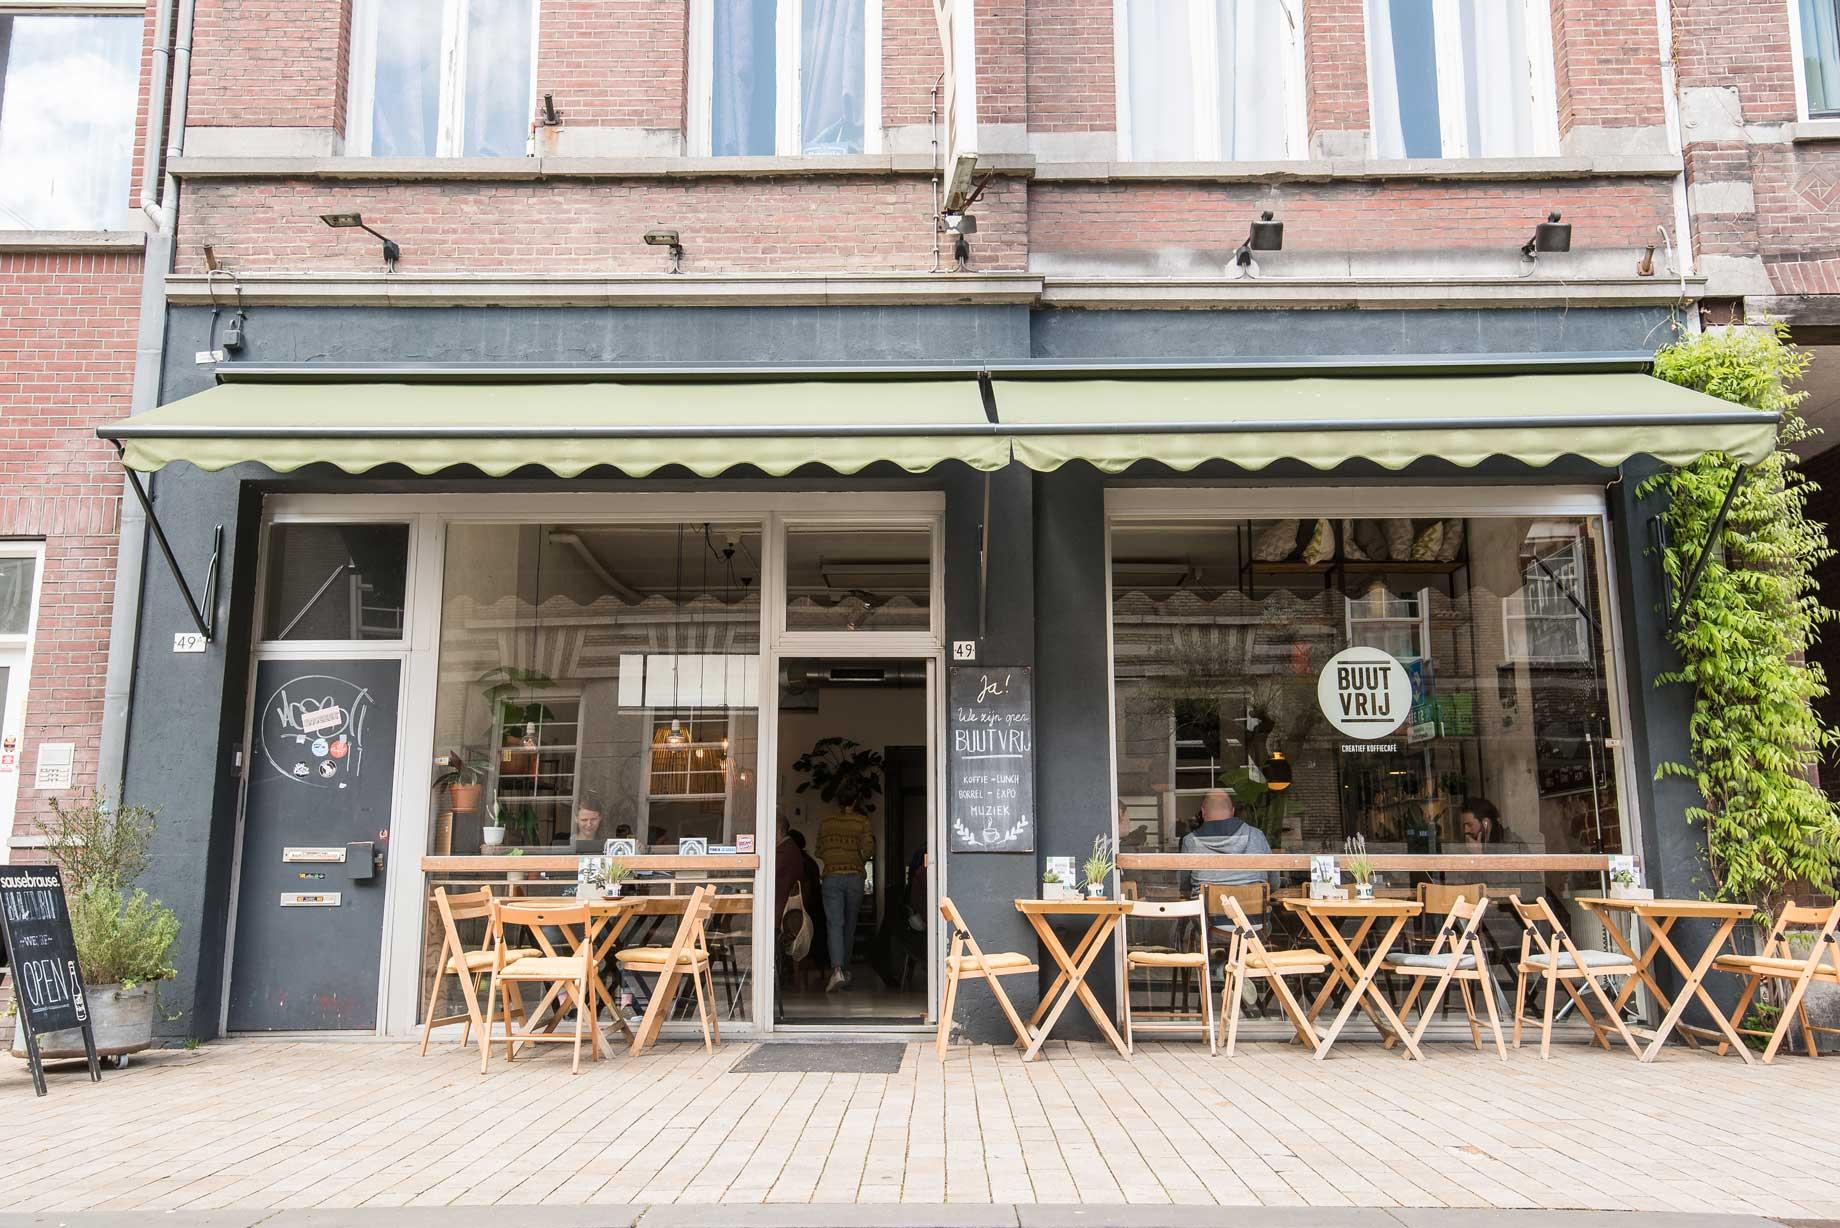 013 Straatjes - Buutvrij - Foto door William van der Voort